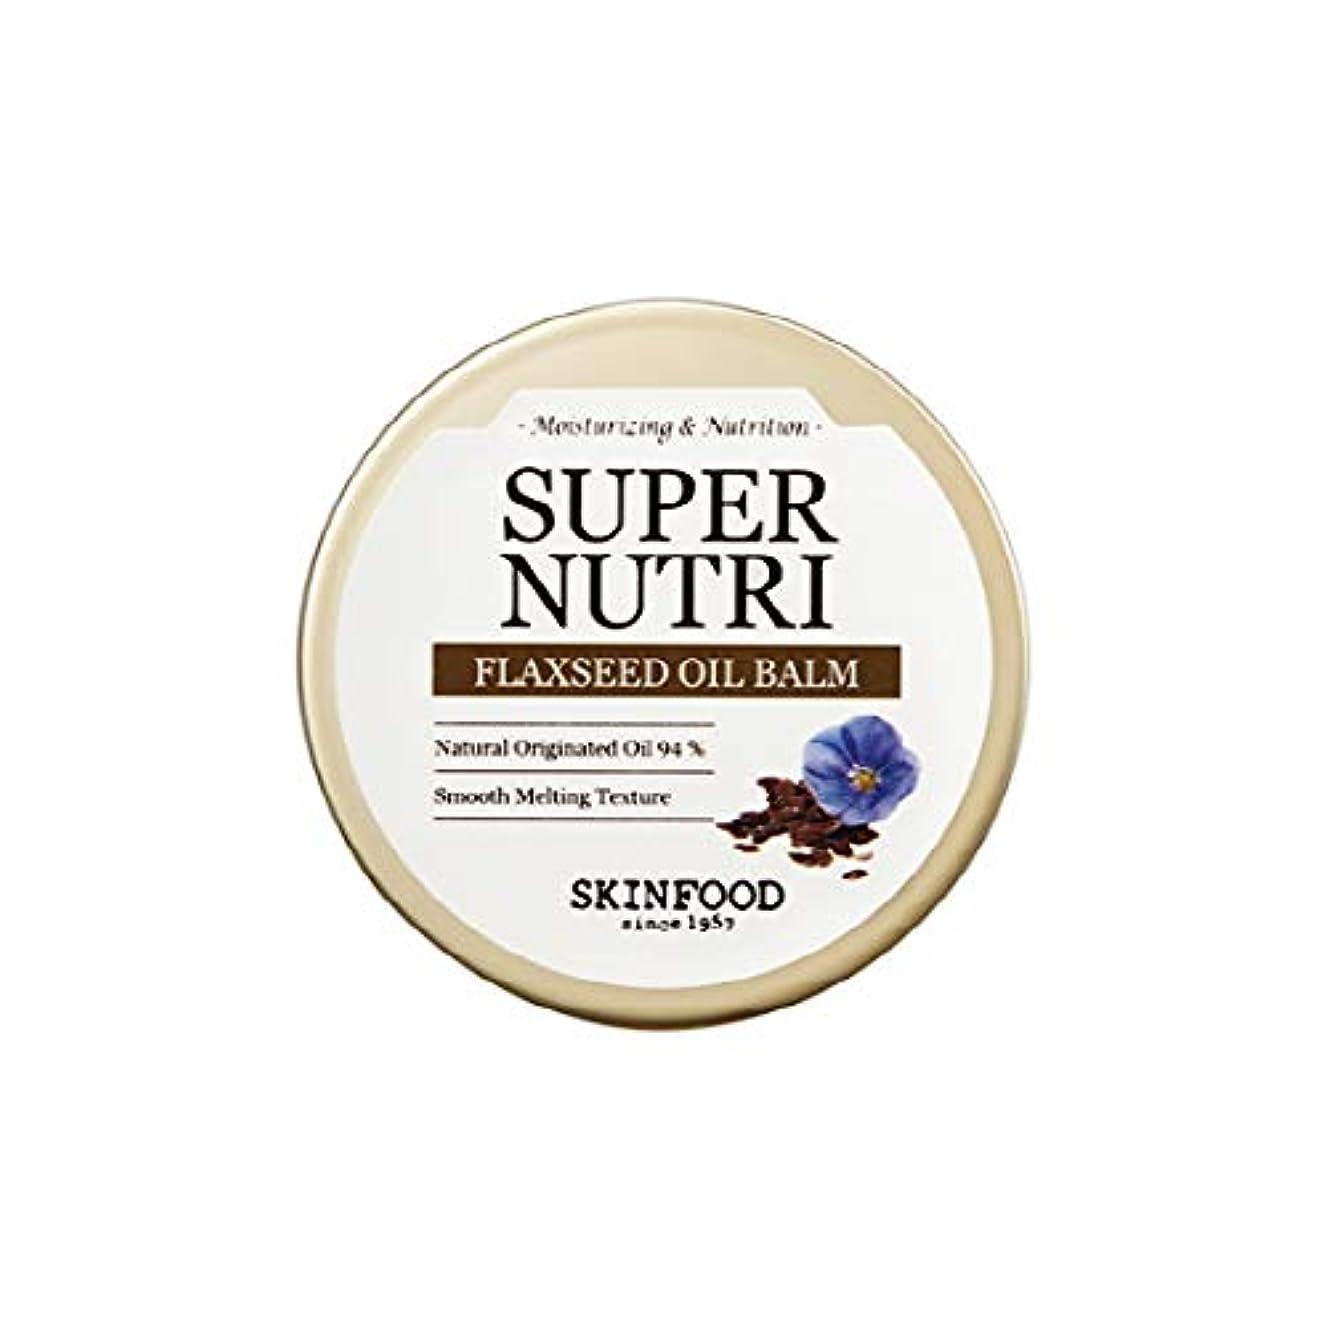 テスピアン毛布なめるSkinfood スーパーニュートリフラックスシードオイルバーム/SUPER NUTRI FLAXSEED OIL BALM 20g [並行輸入品]